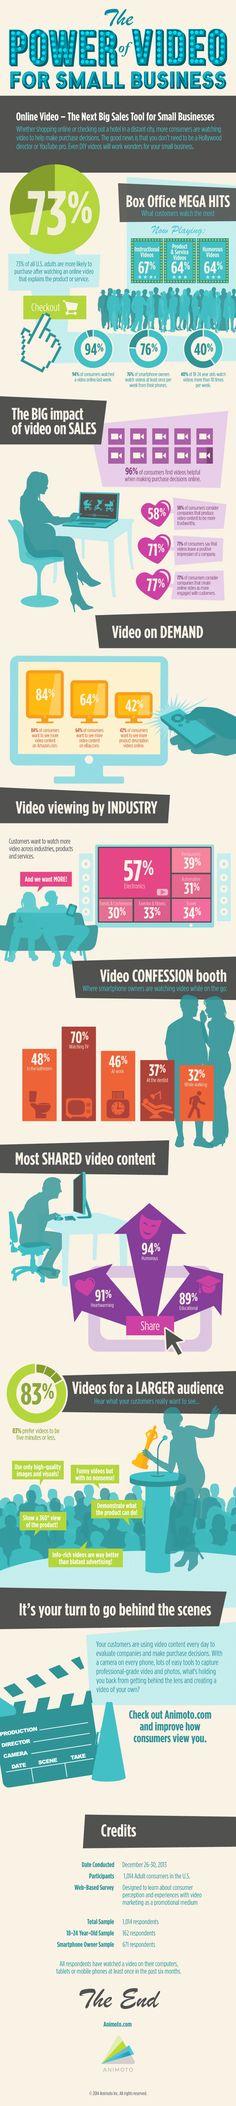 Infographie : Le pouvoir des vidéos pour les petites entreprises